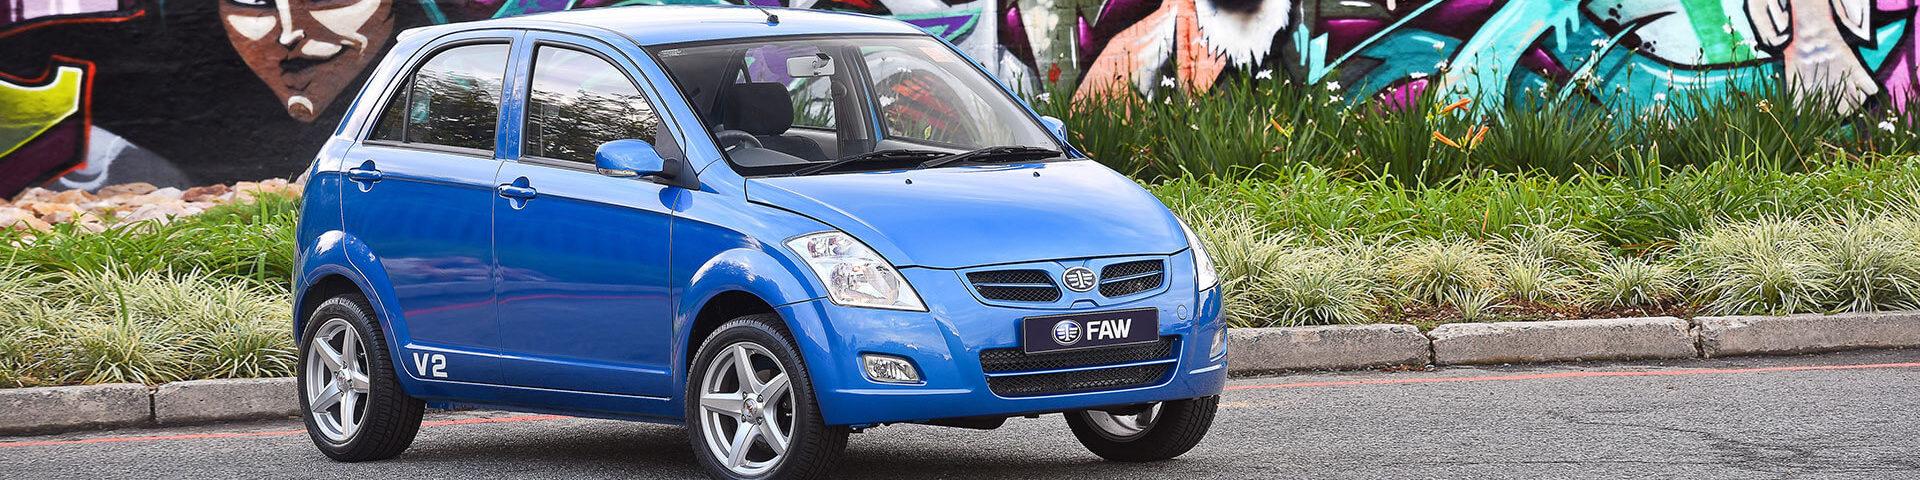 Faw 2018 V2 Car